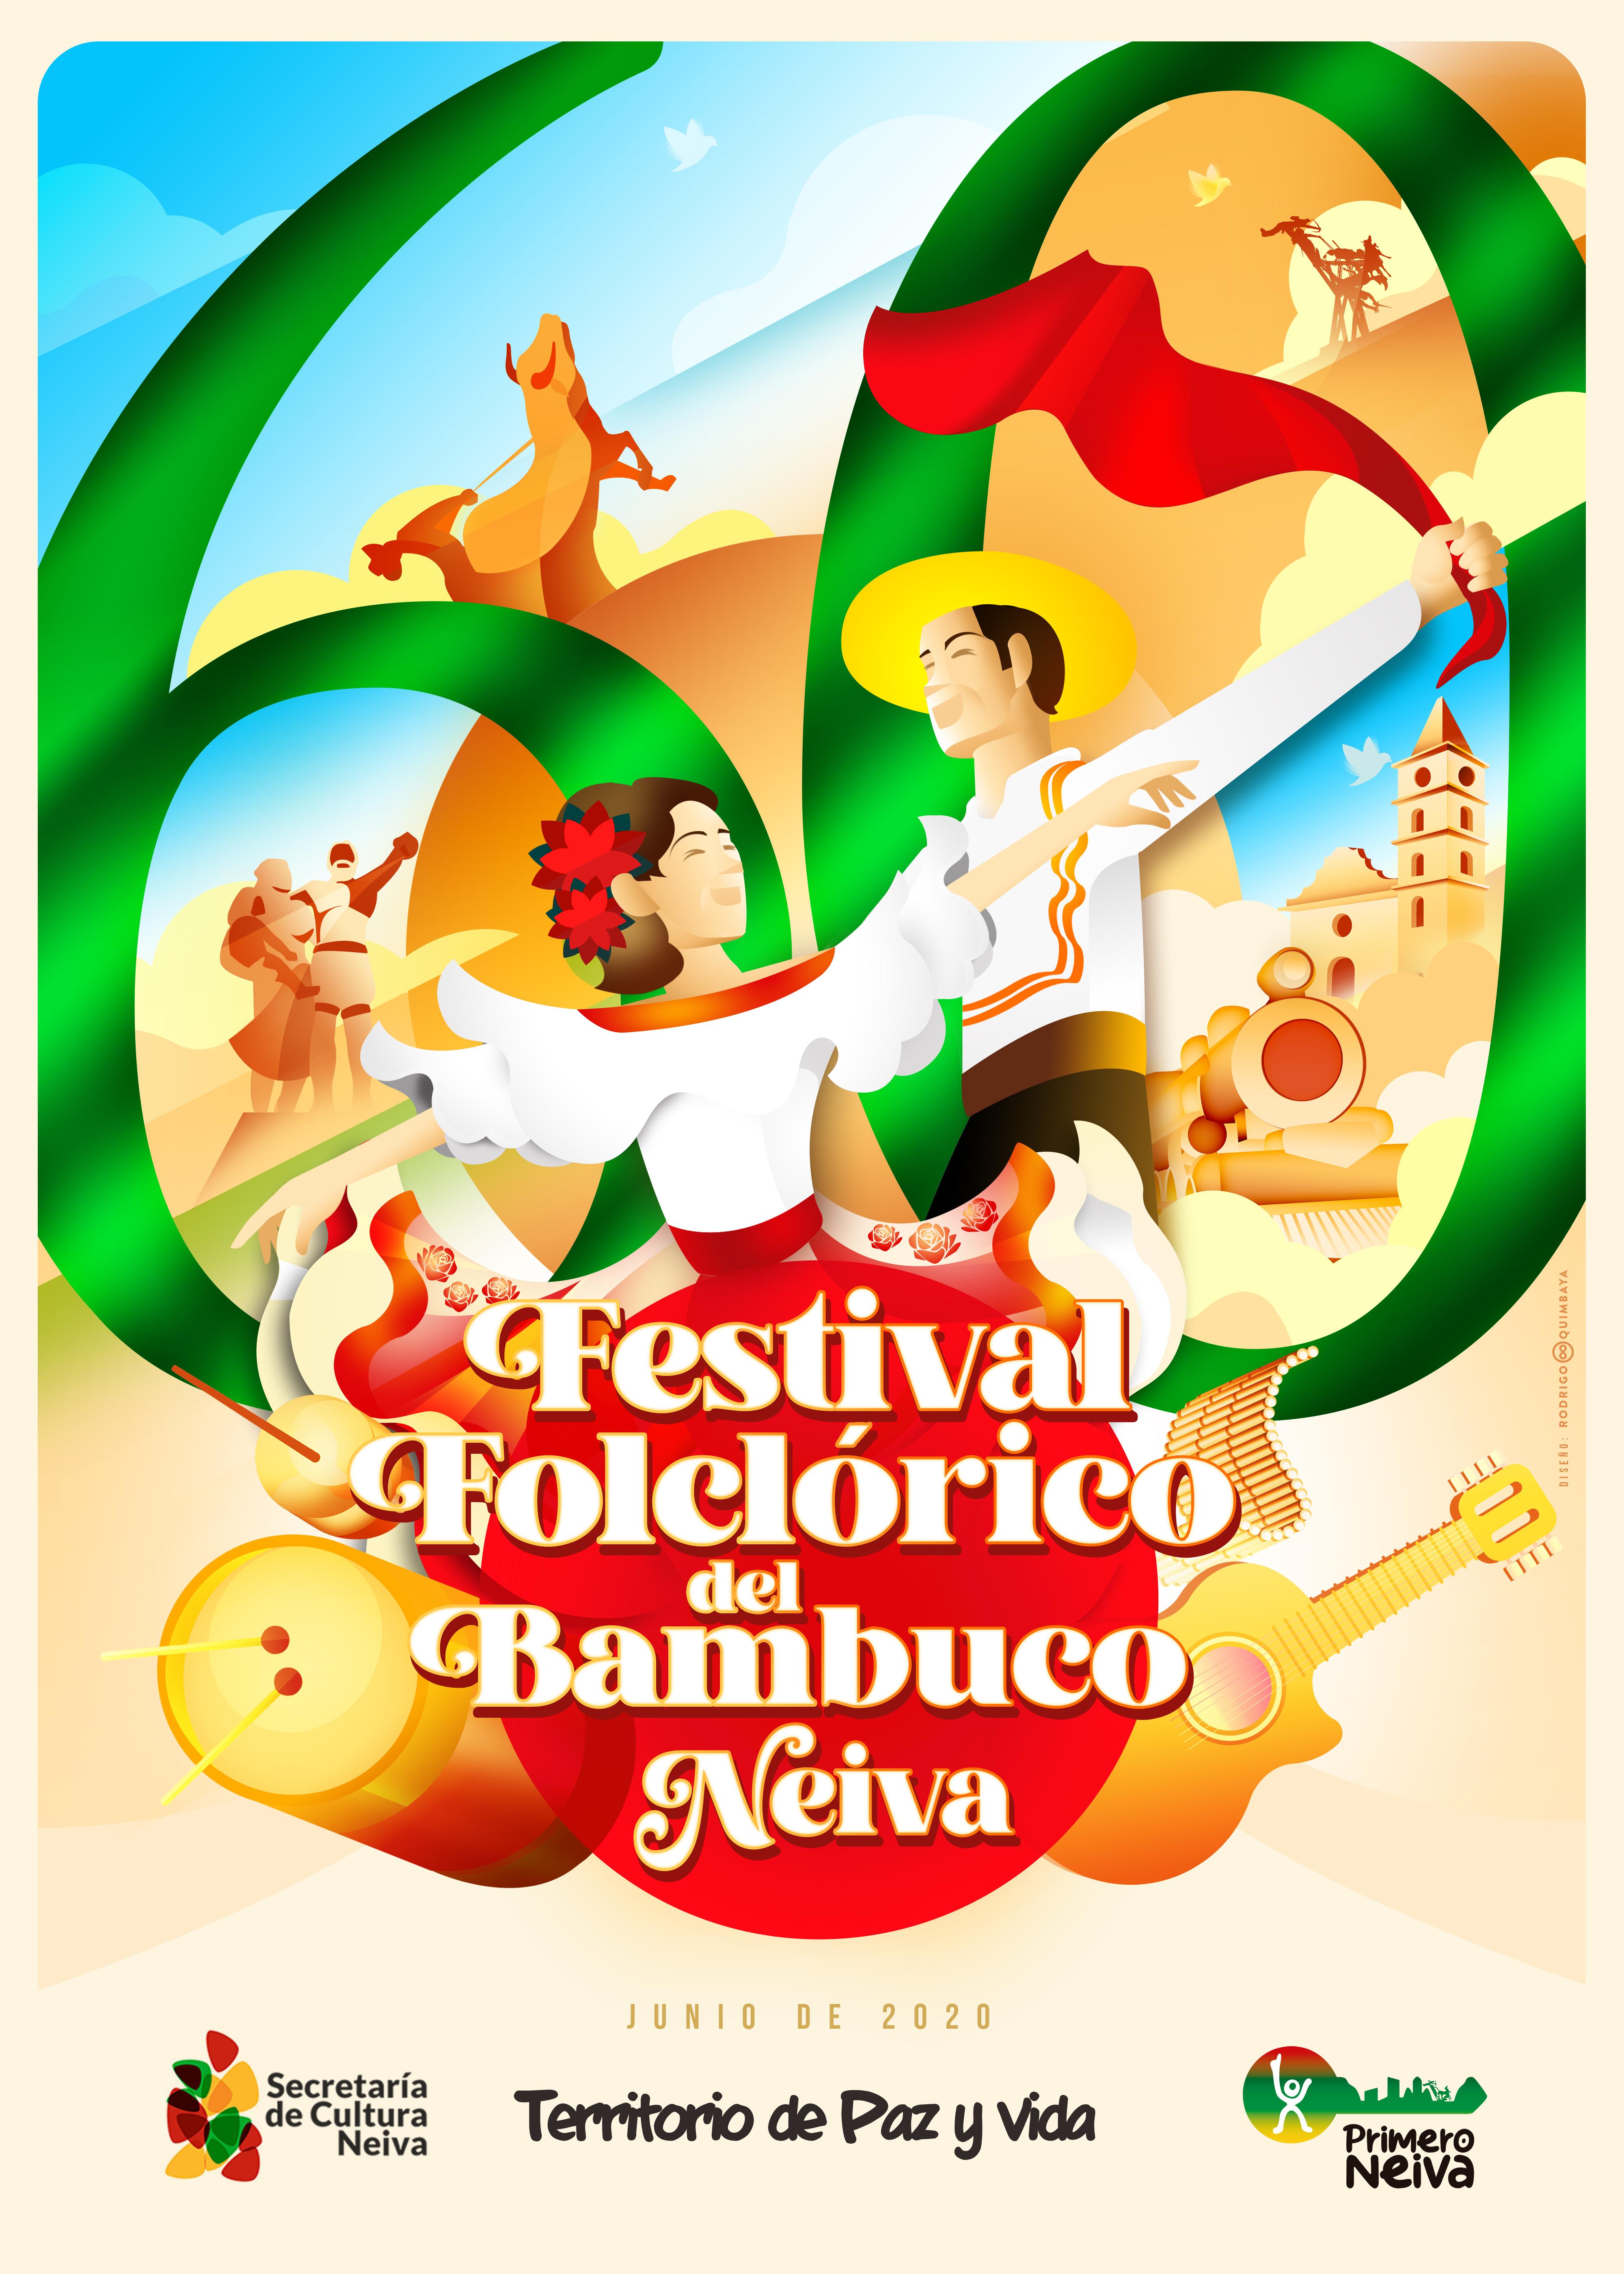 FESTIVAL BAMBUCO NEIVA